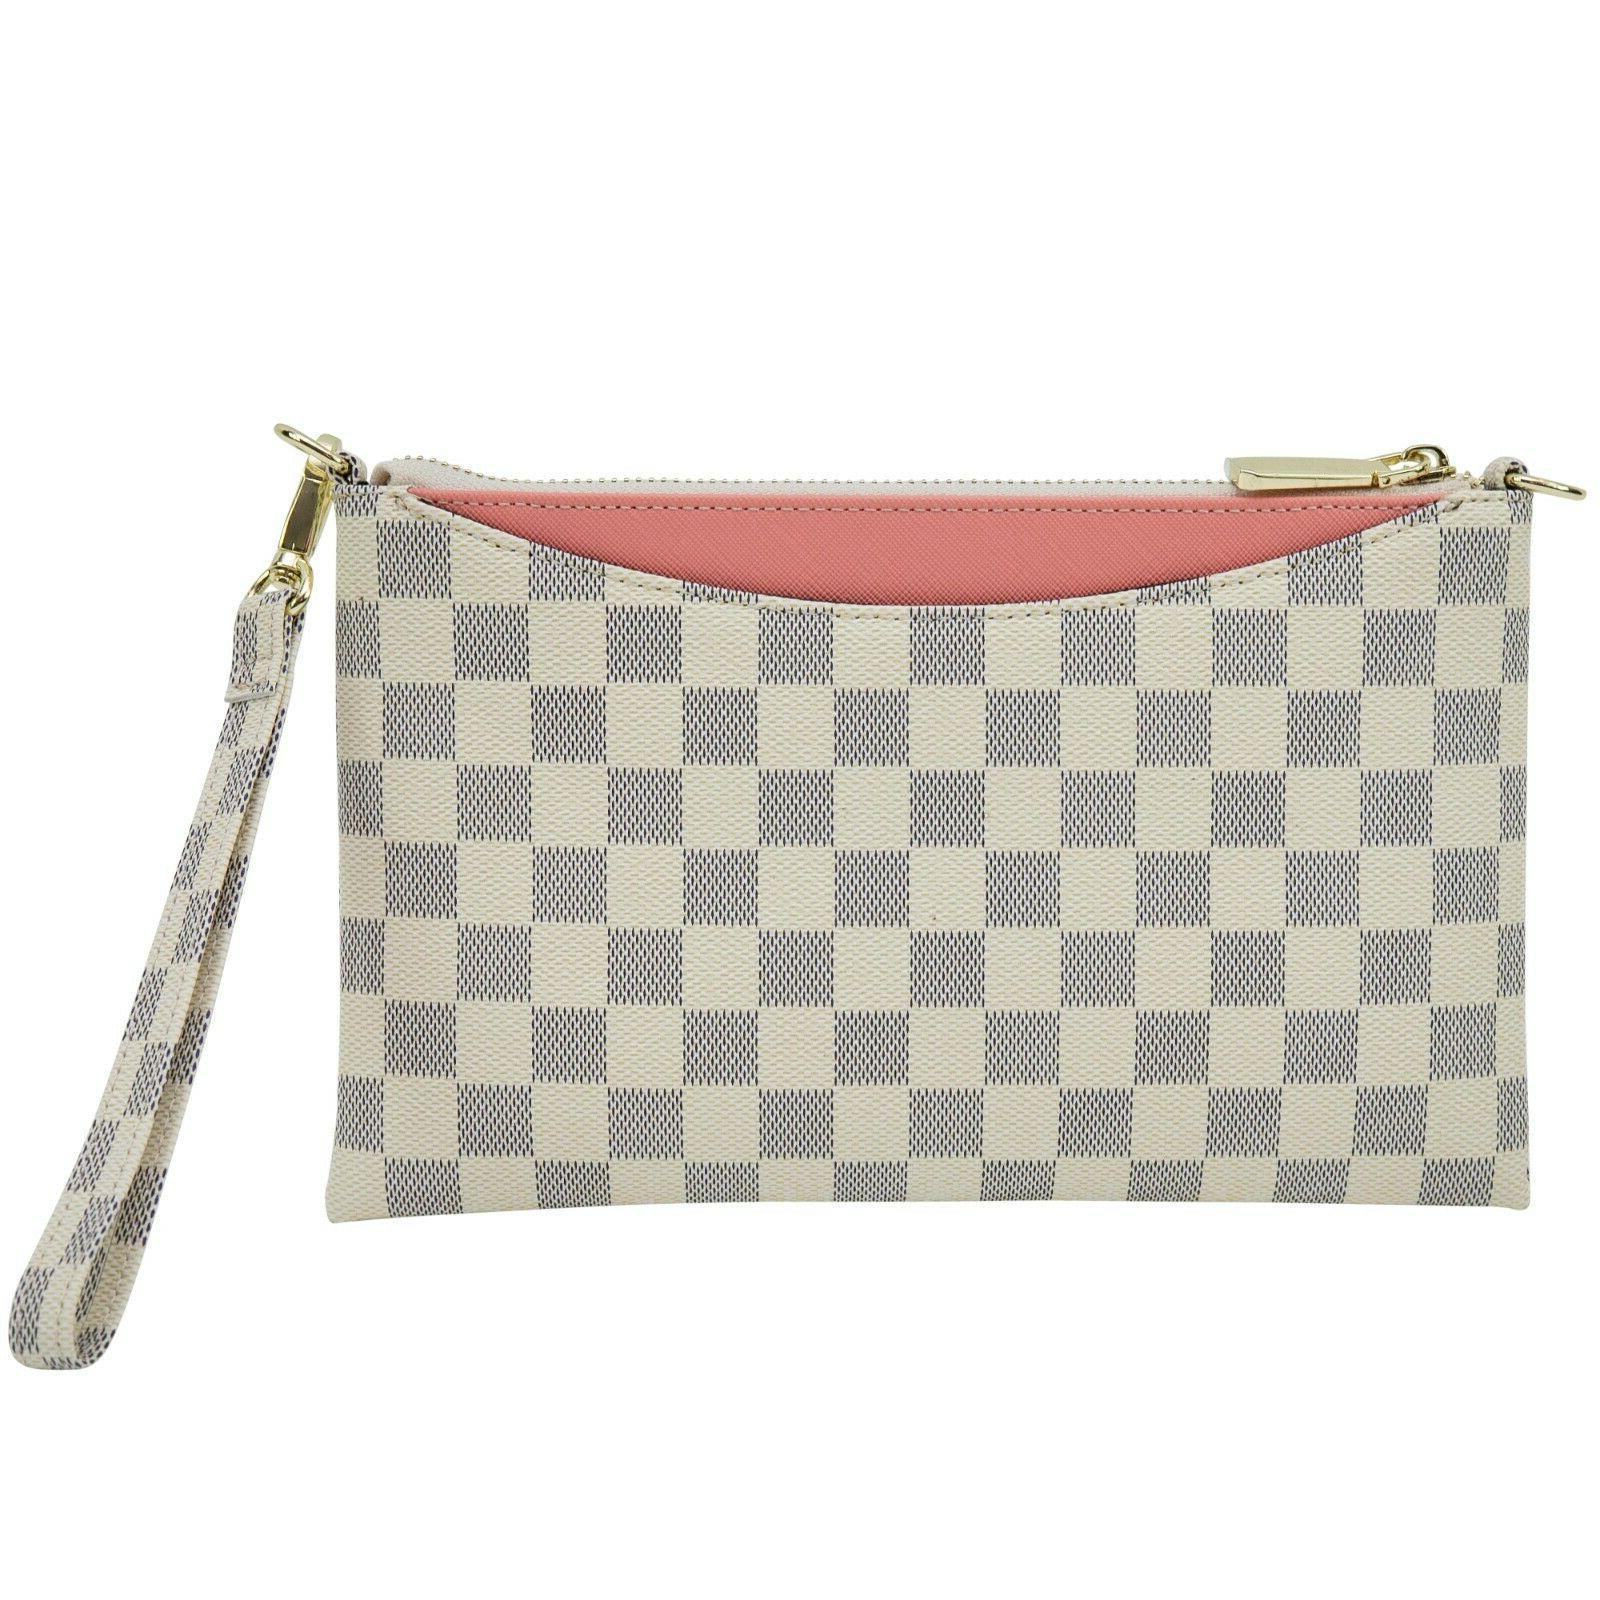 Luxury Crossbody for Women Wristlet Clutch Leather Shoulder